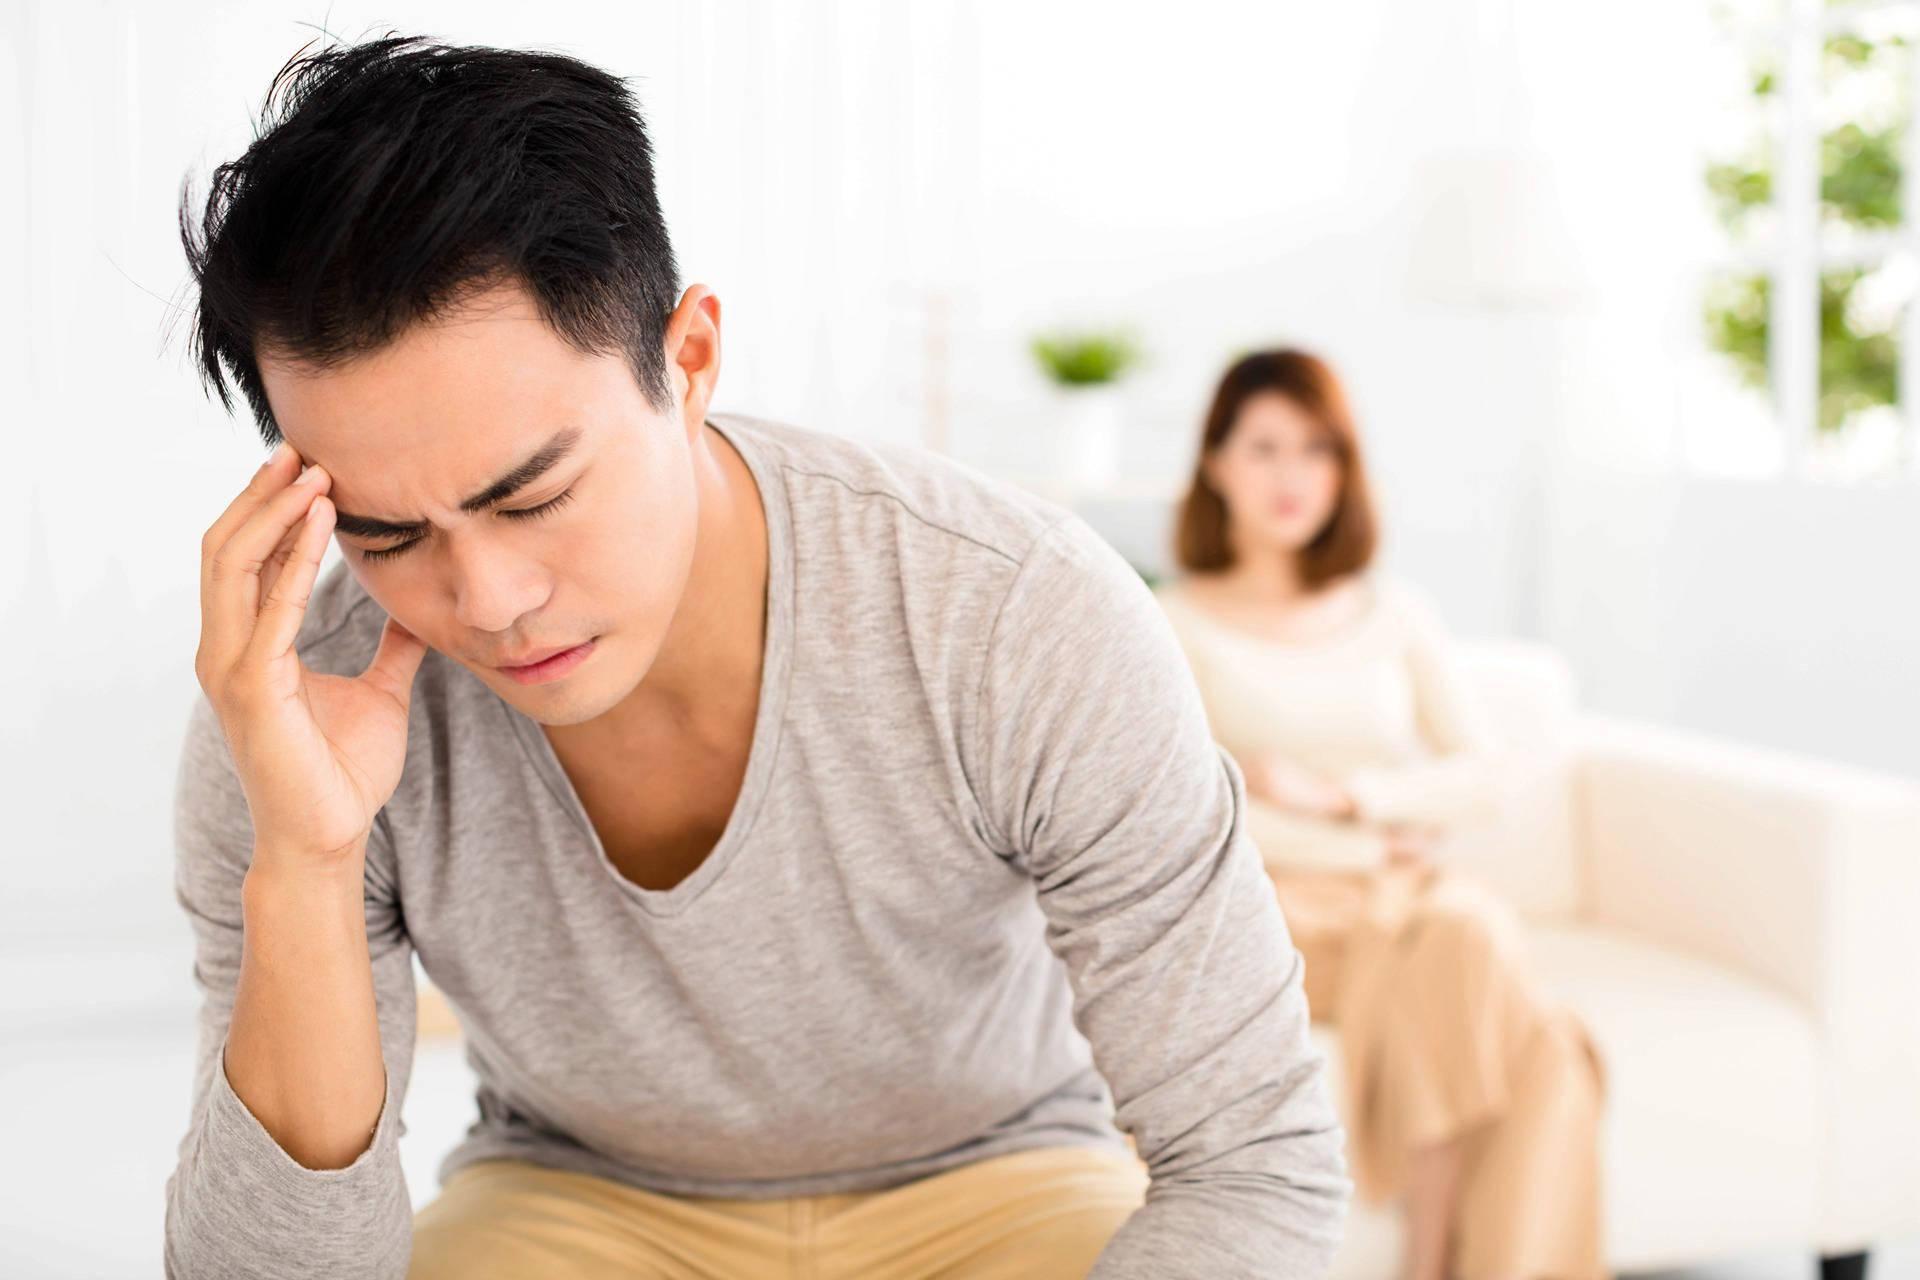 老实男人适合找很强势脾气暴躁有心机的女人为妻吗? 30岁女人脾气暴躁易怒的原因